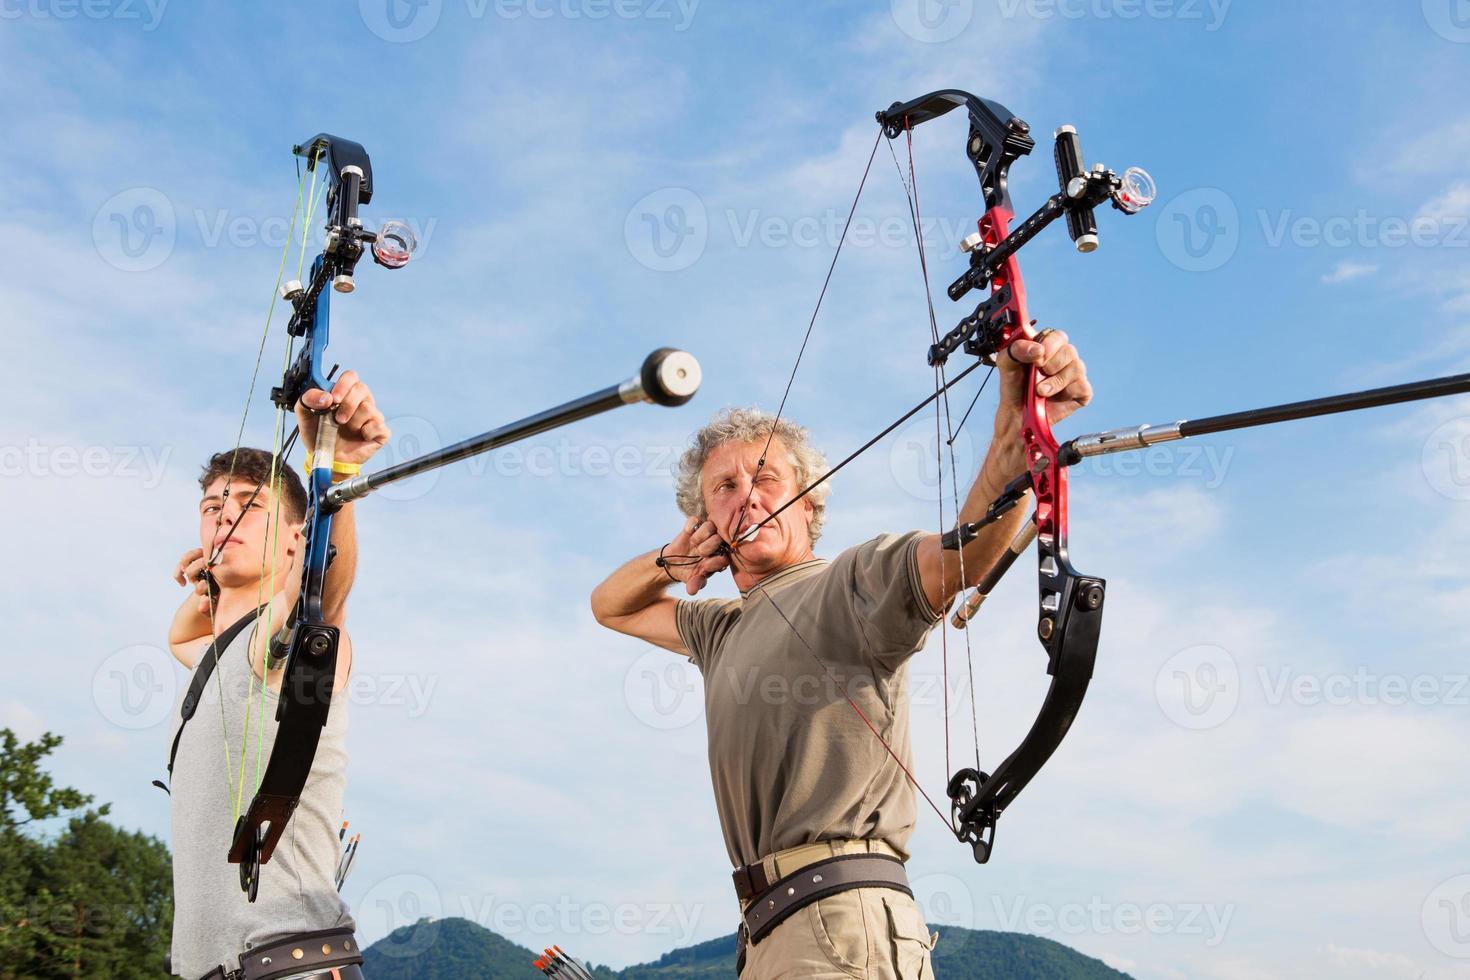 arcieri ... padre e figlio che praticano il tiro al bersaglio foto